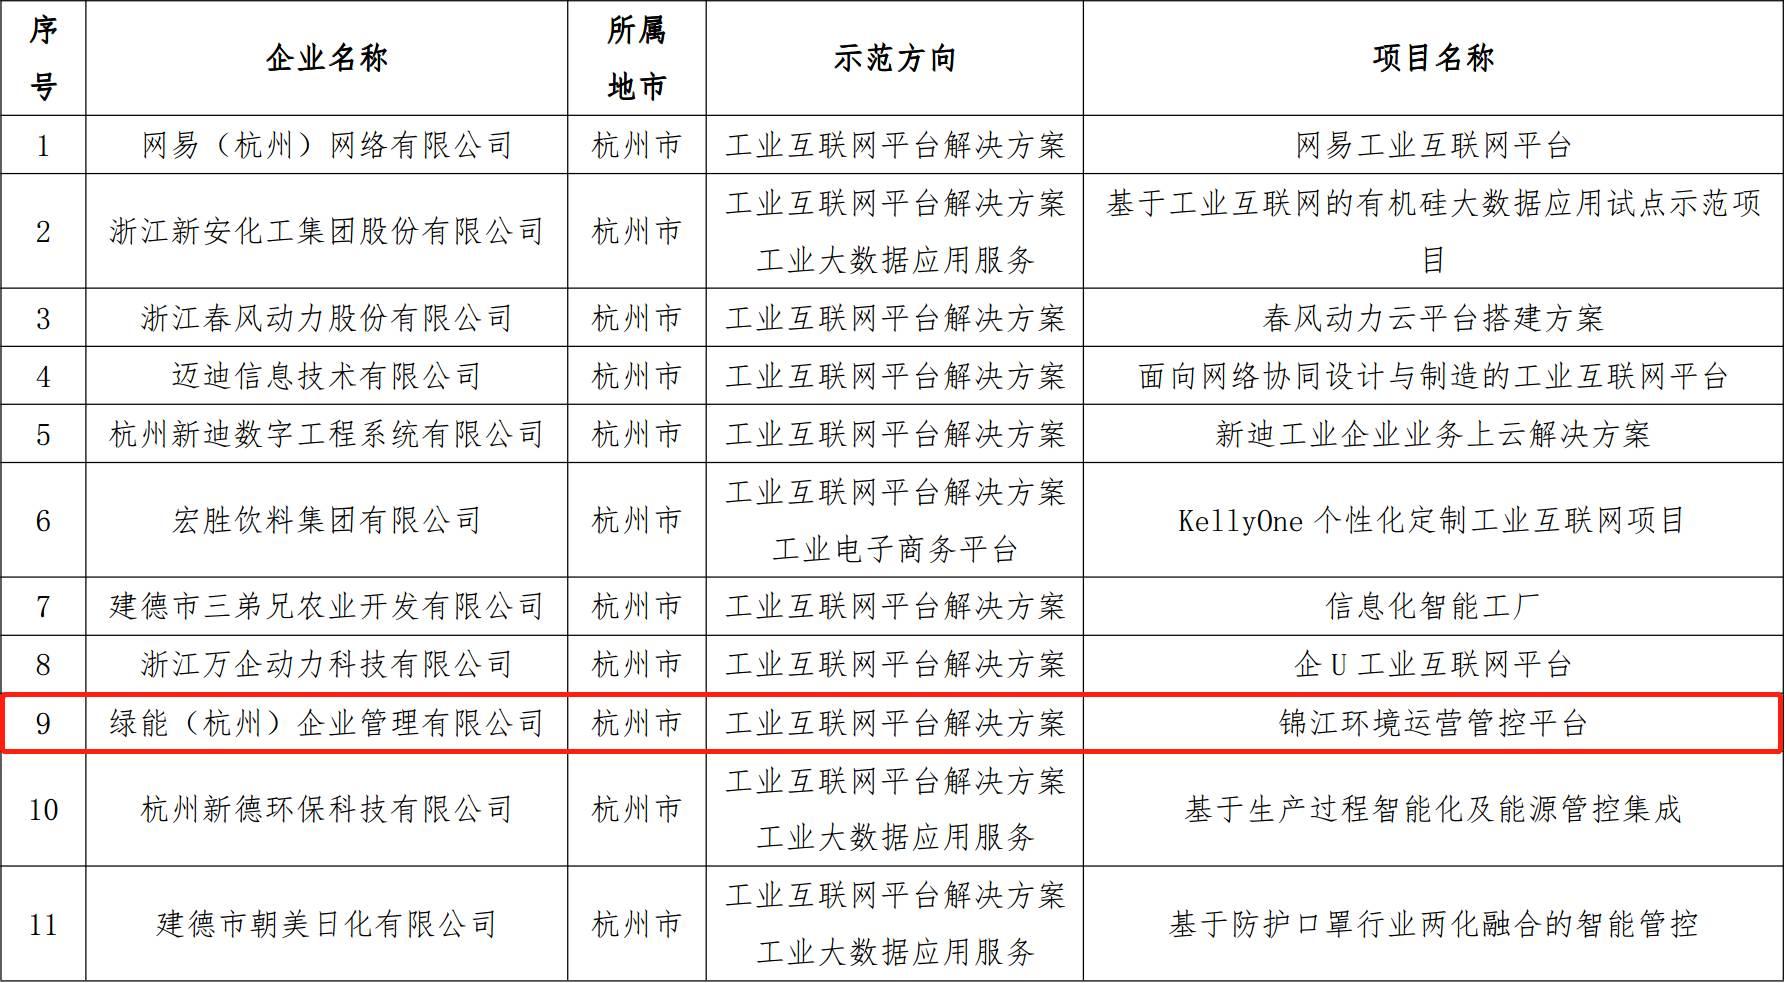 锦江环境运营管控平台入选2018年省级制造业与互联网融合发展试点示范企业